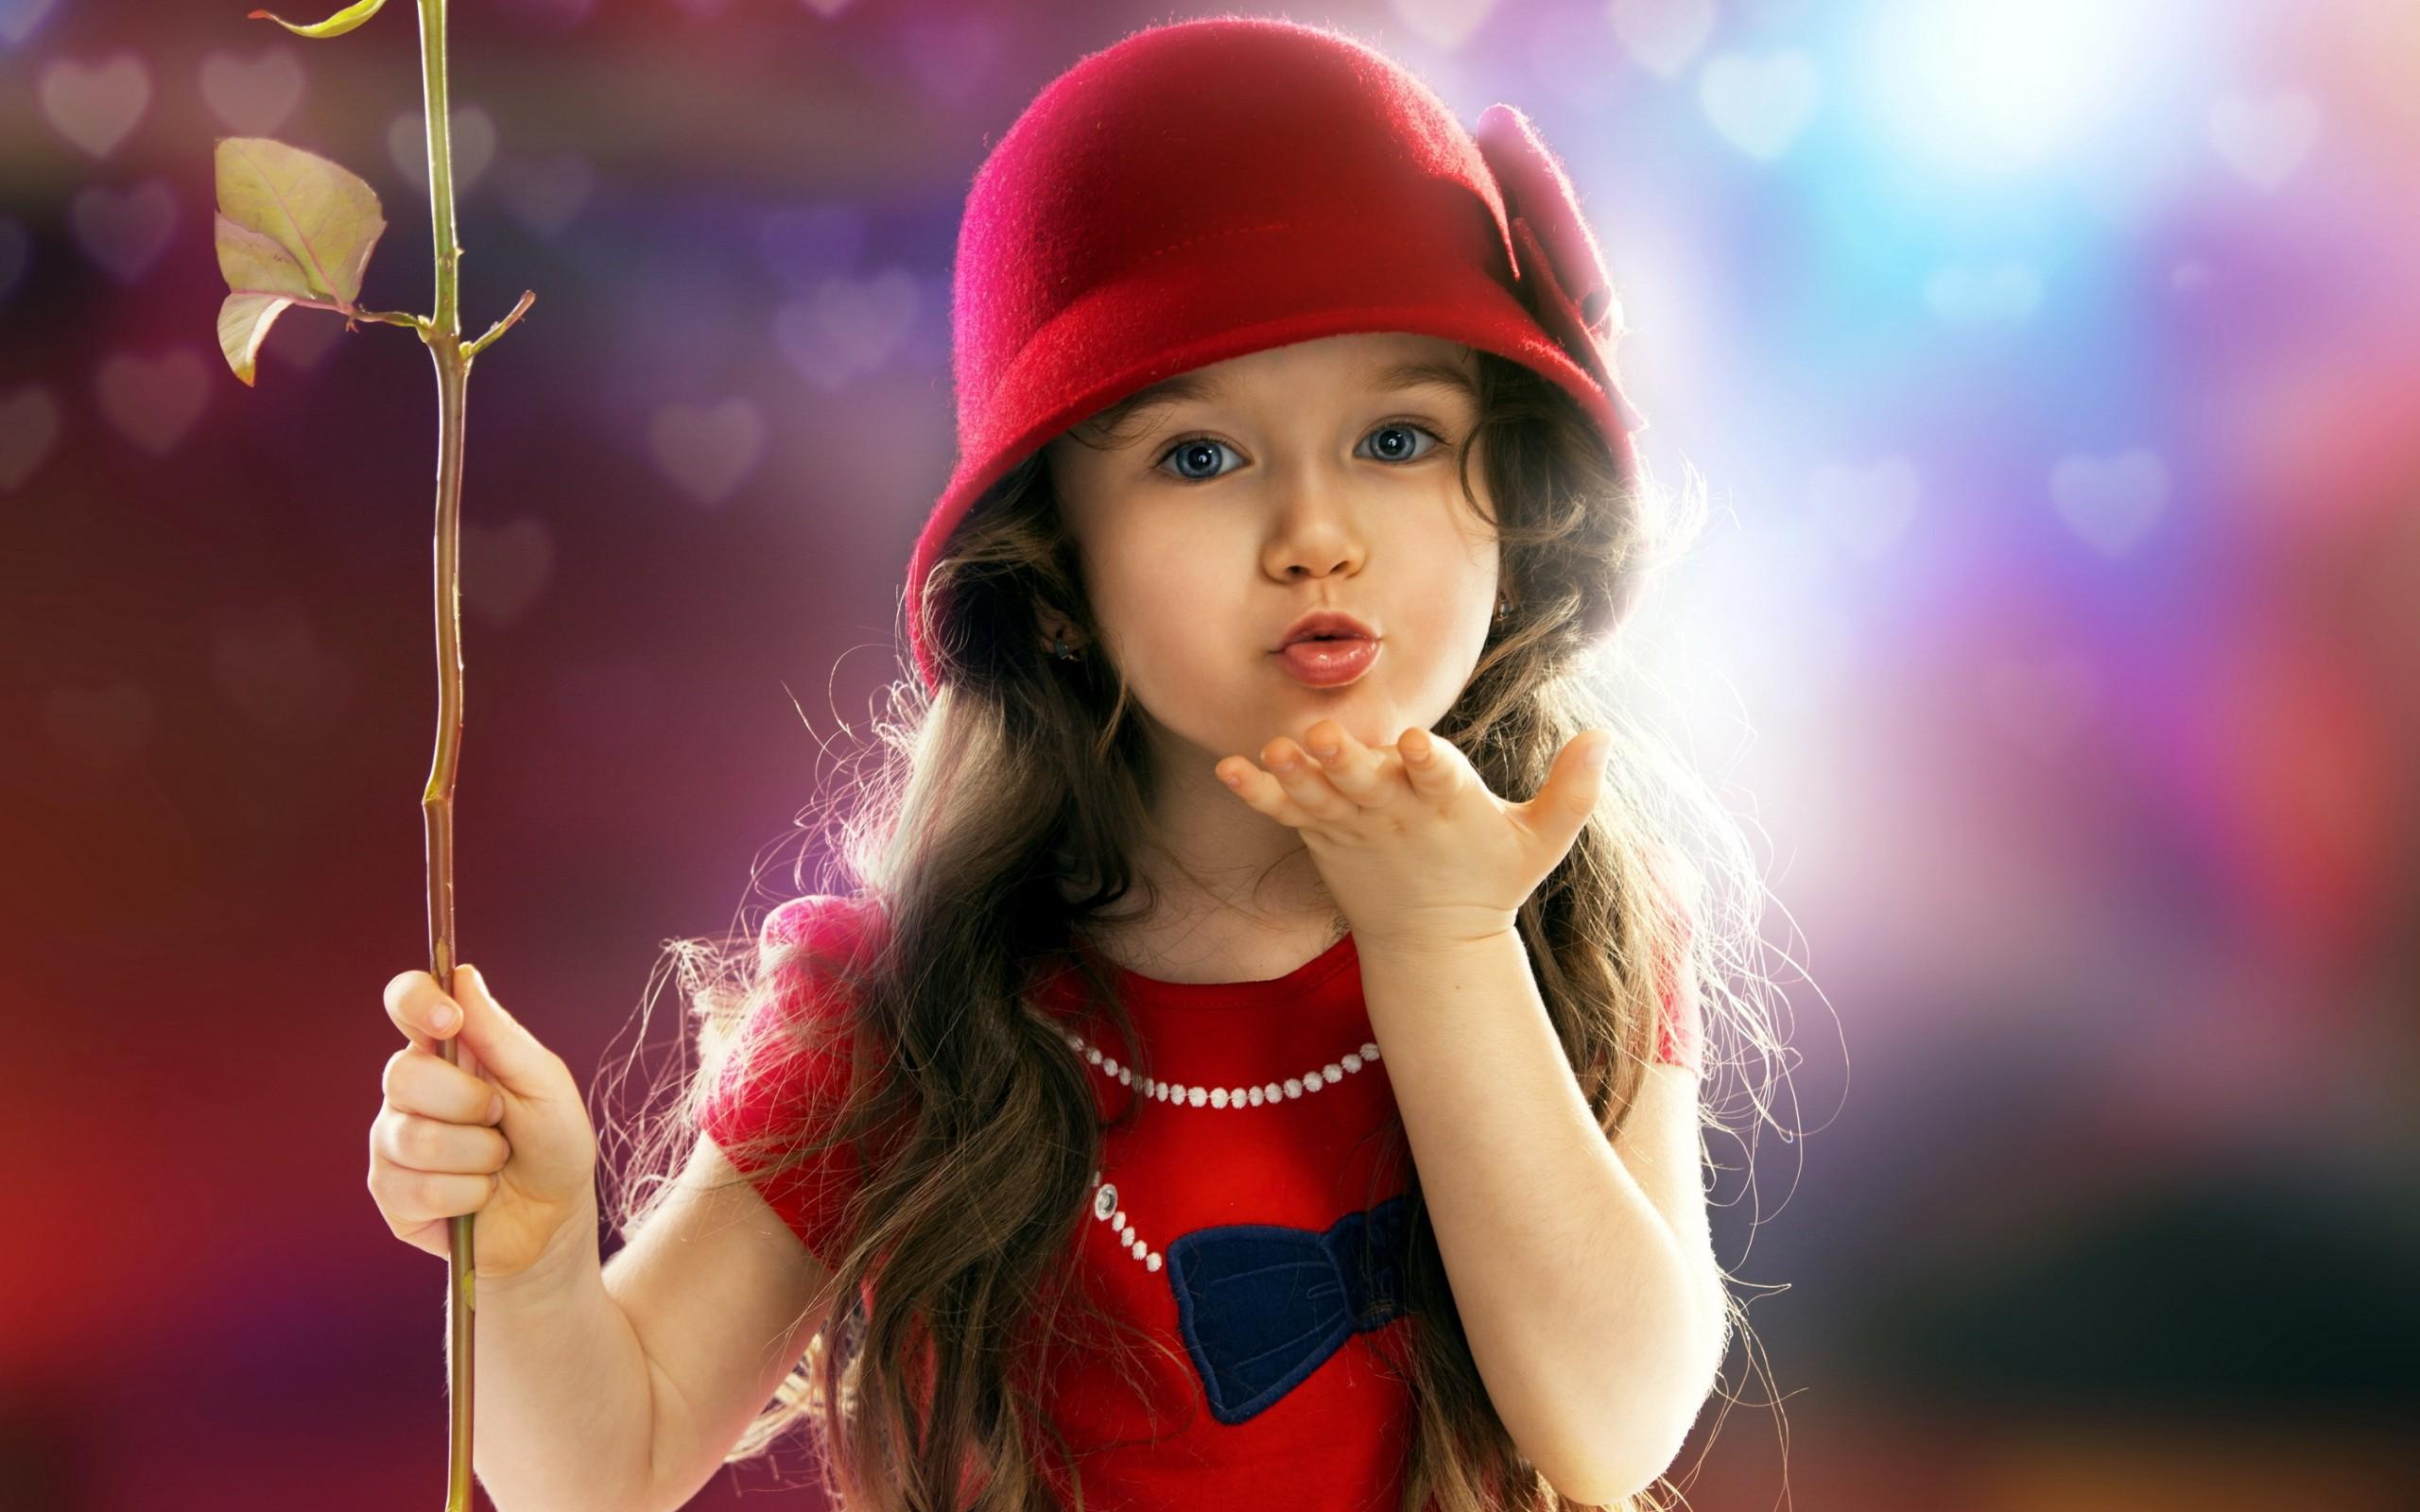 cute photos to send to a girl